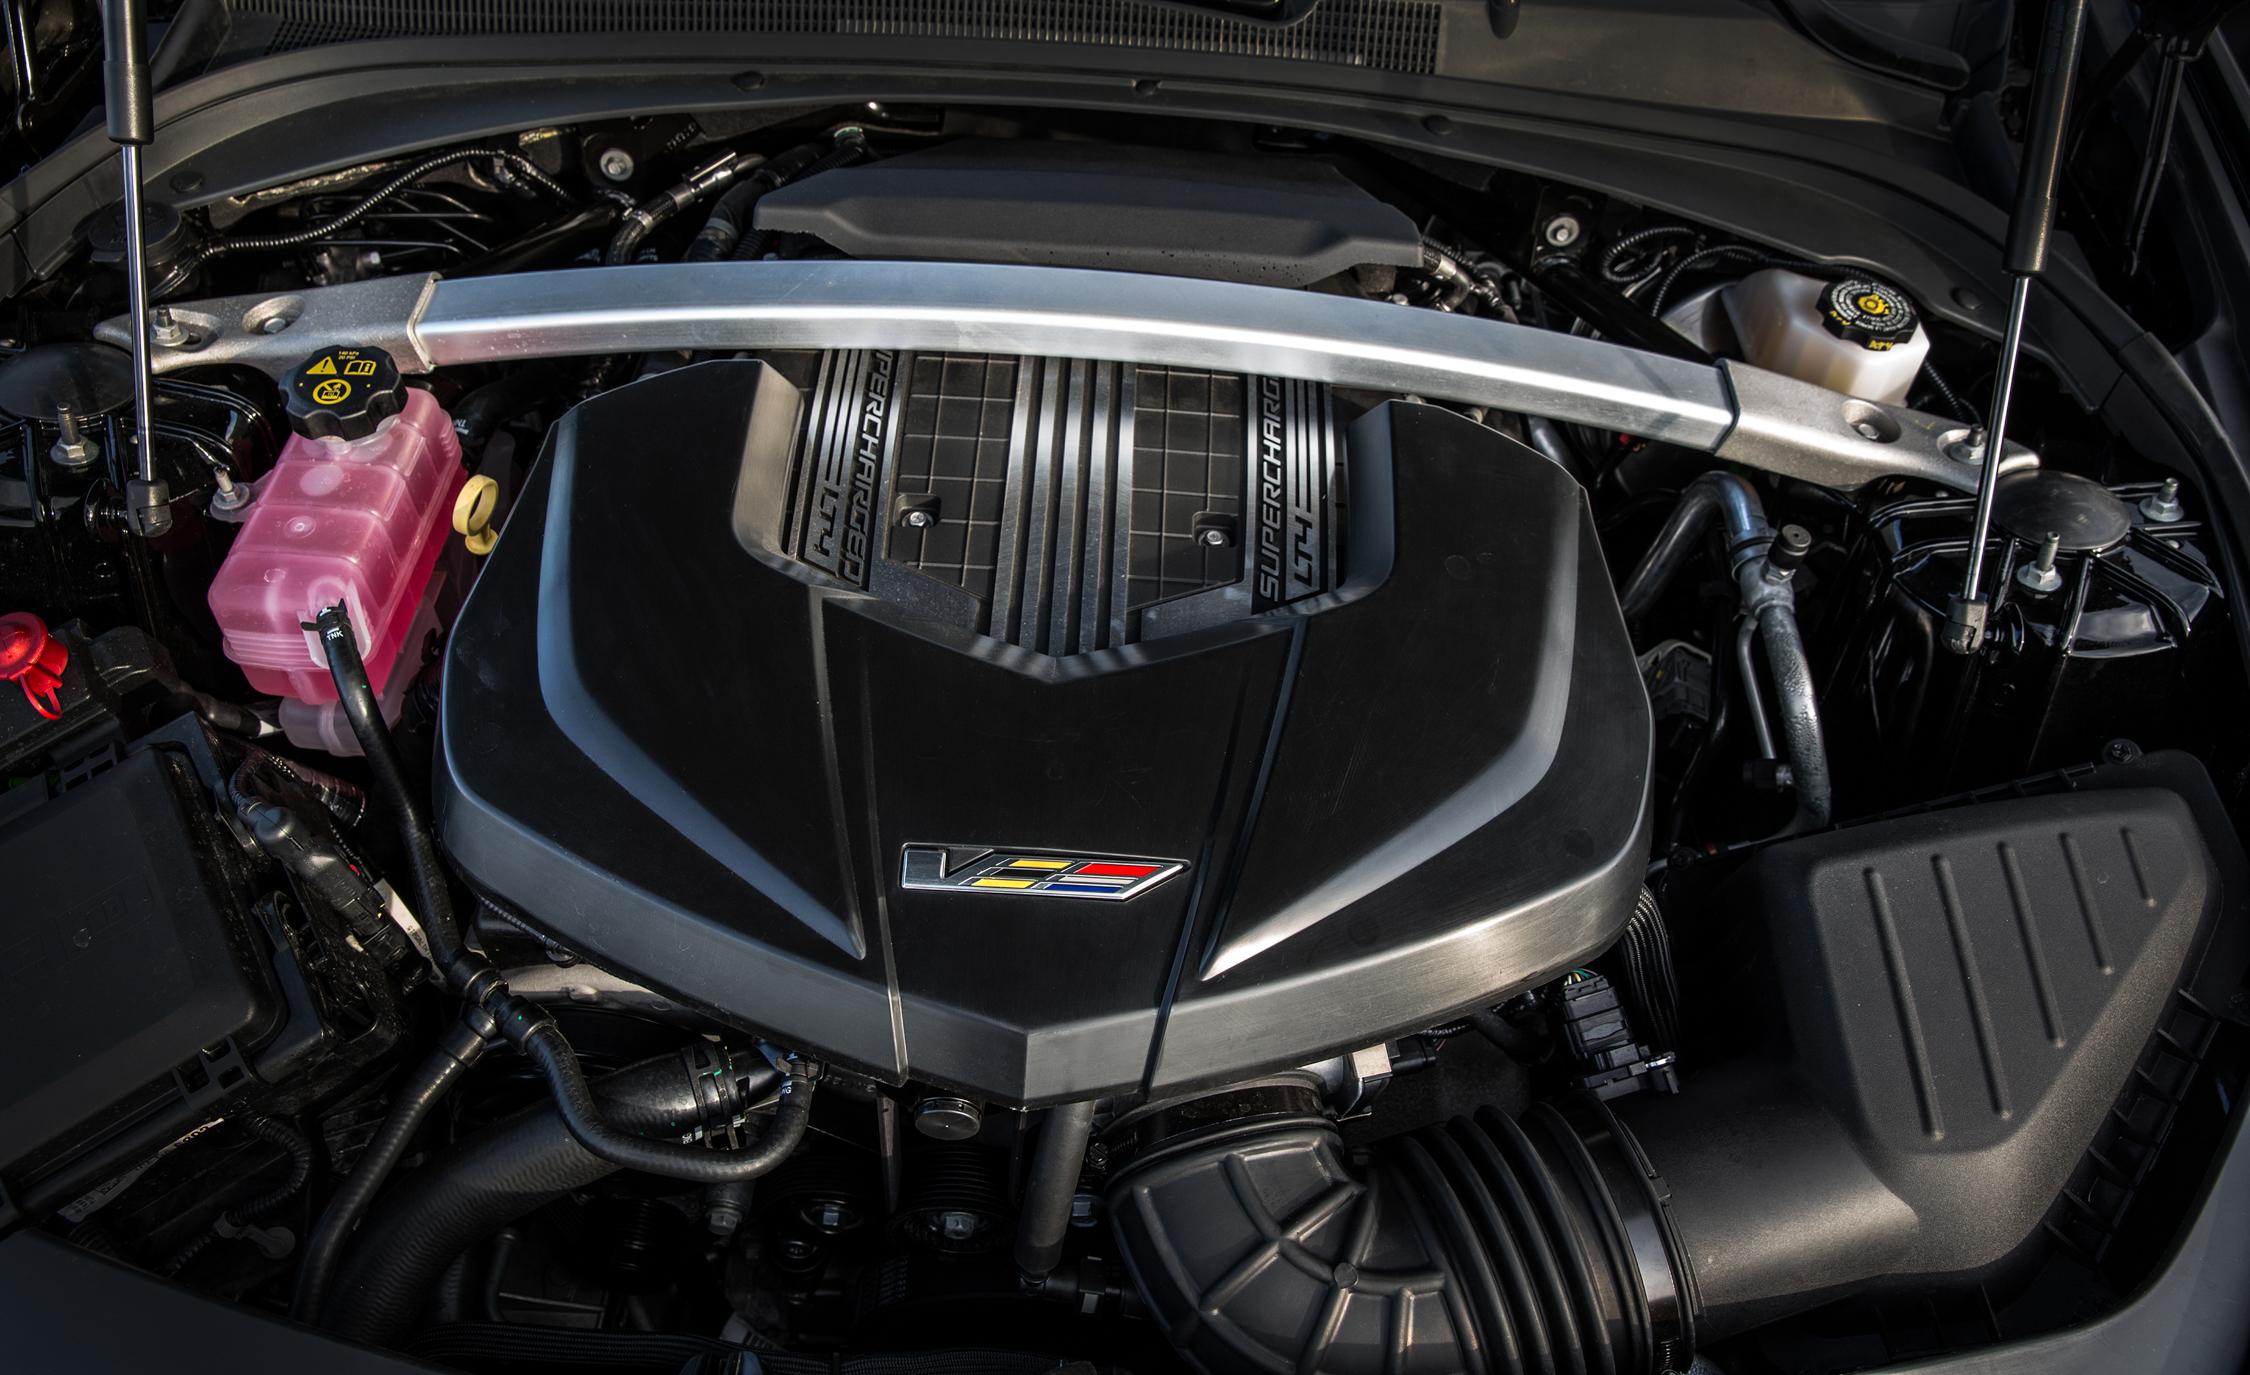 2016 Cadillac CTS-V Supercharged 6.2-Liter V-8 Engine